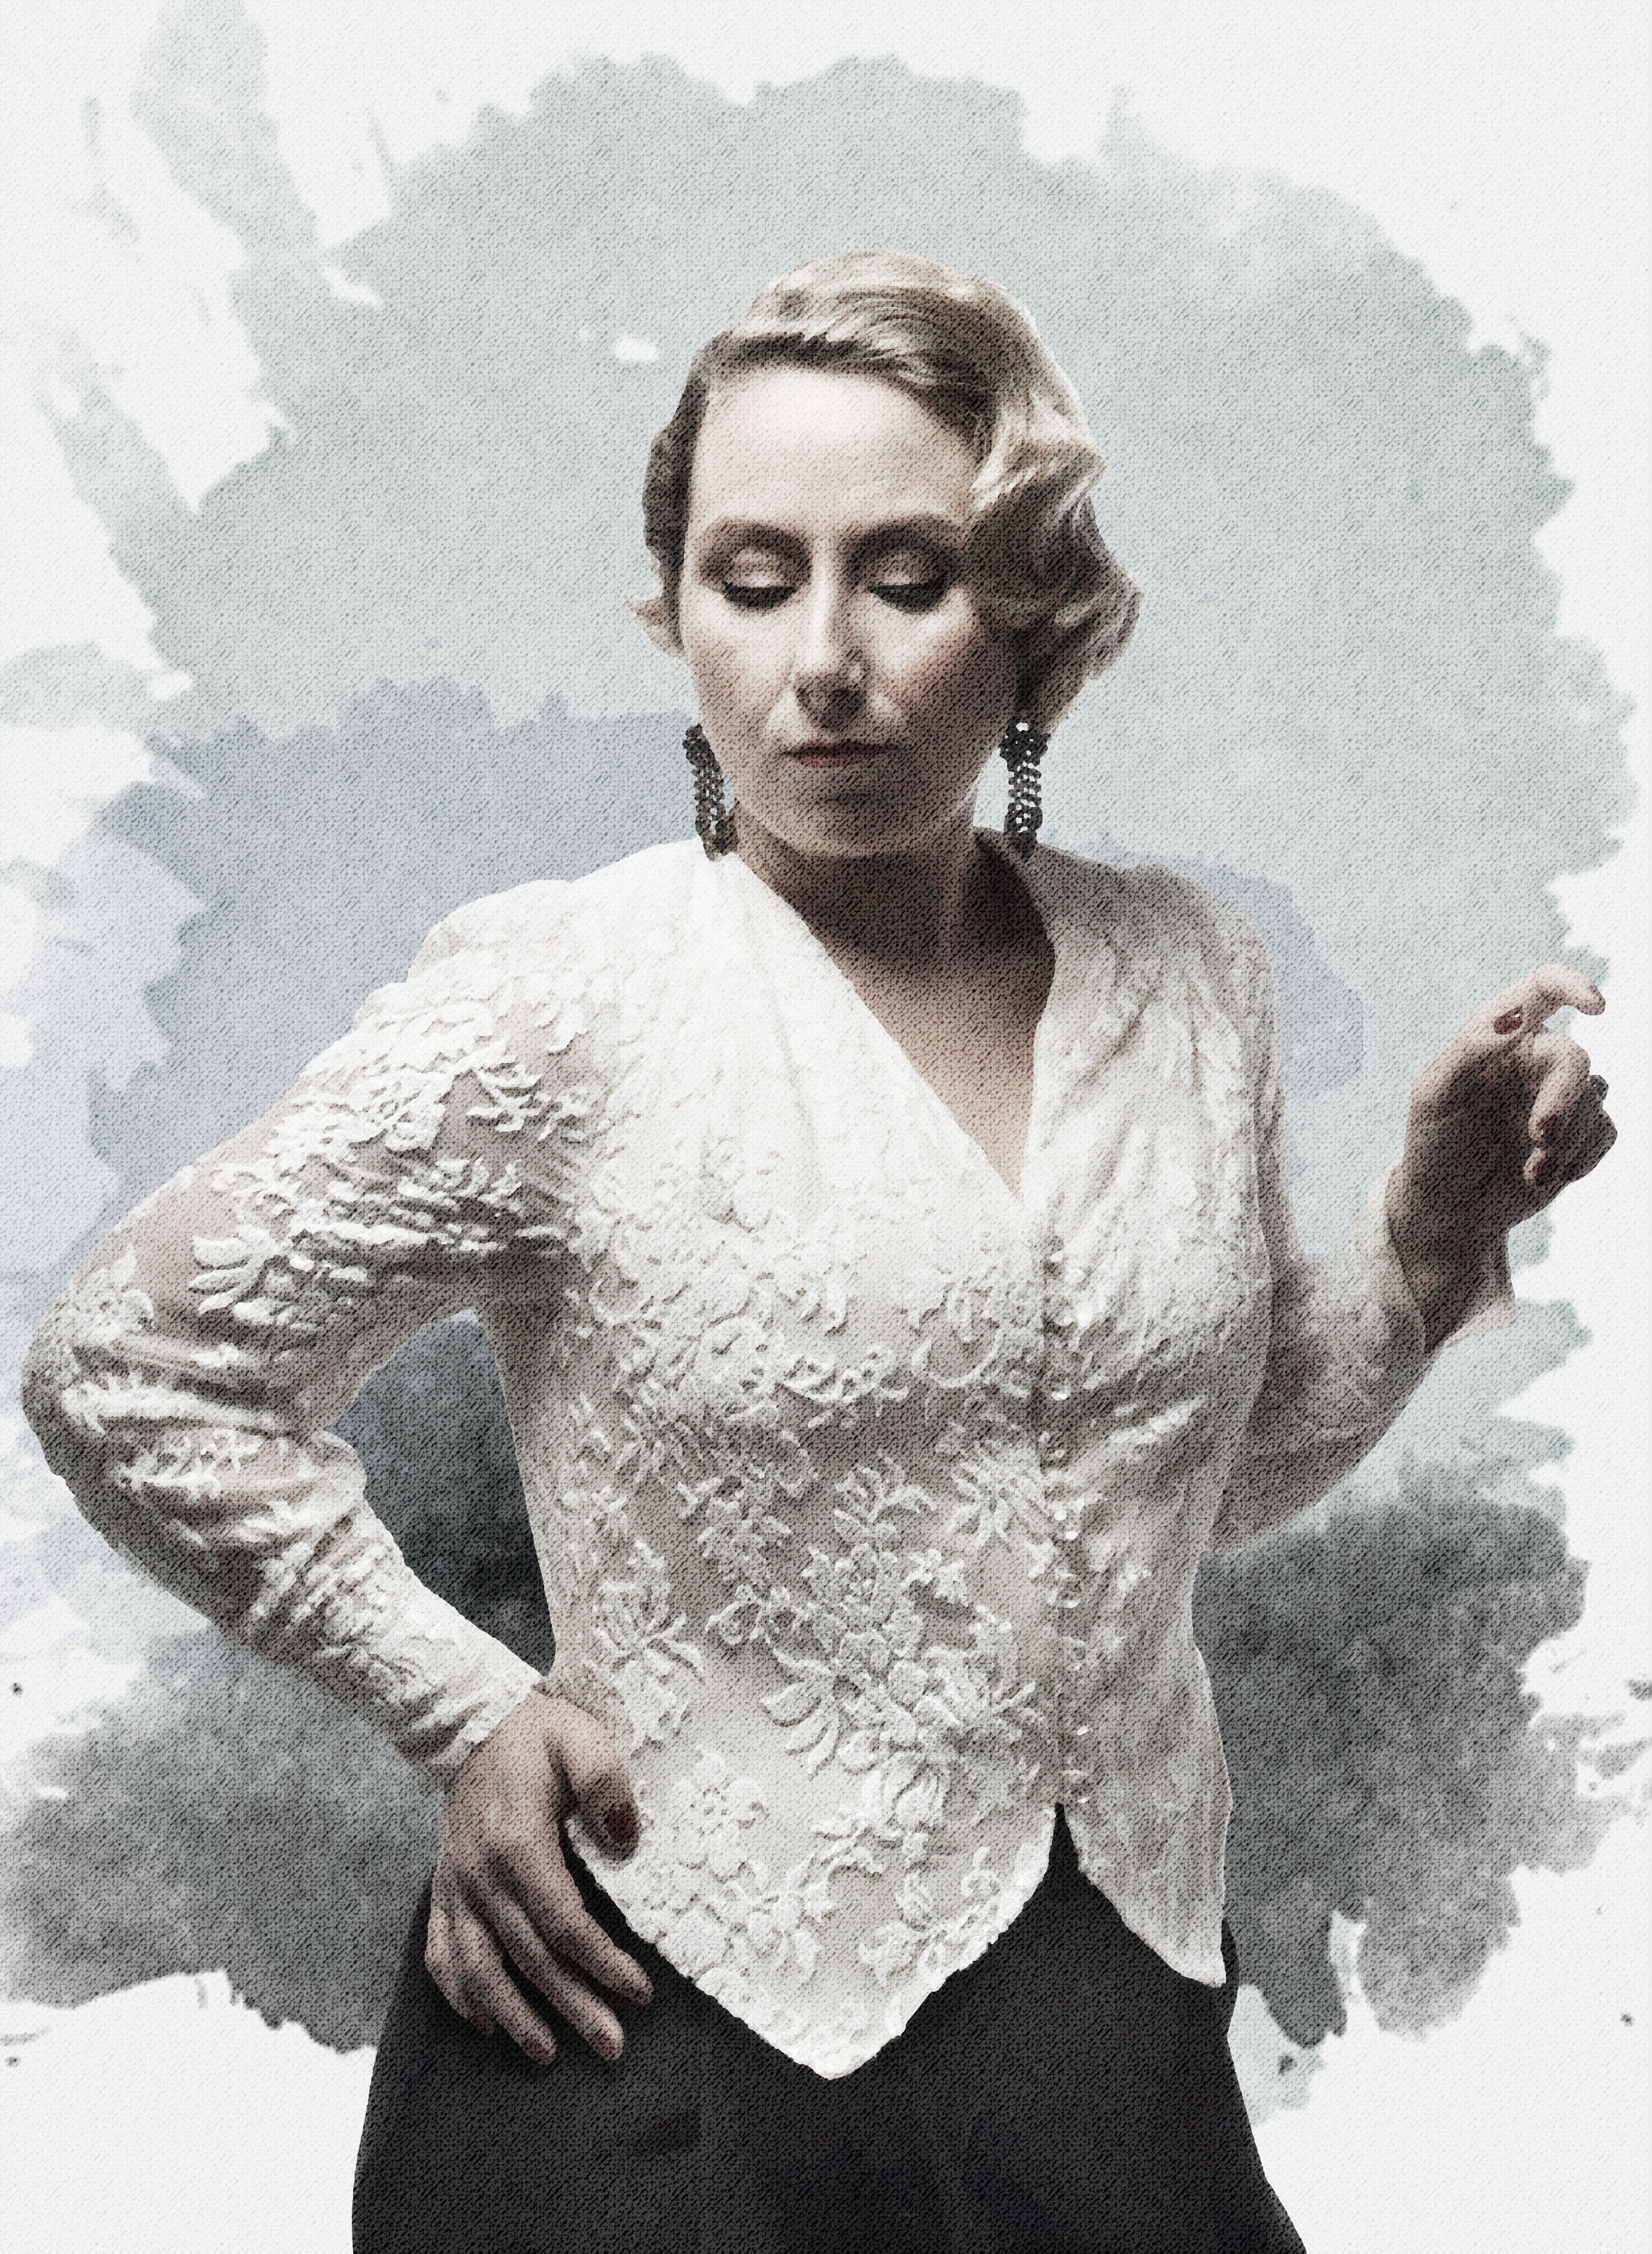 No. 17 Granada - Denne skjortebluse er inspireret af tyrefægterens vest og jakke. Det maskuline udtryk i skjortens linjer sammen med Kvindens feminine udtryk giver den perfekte balance